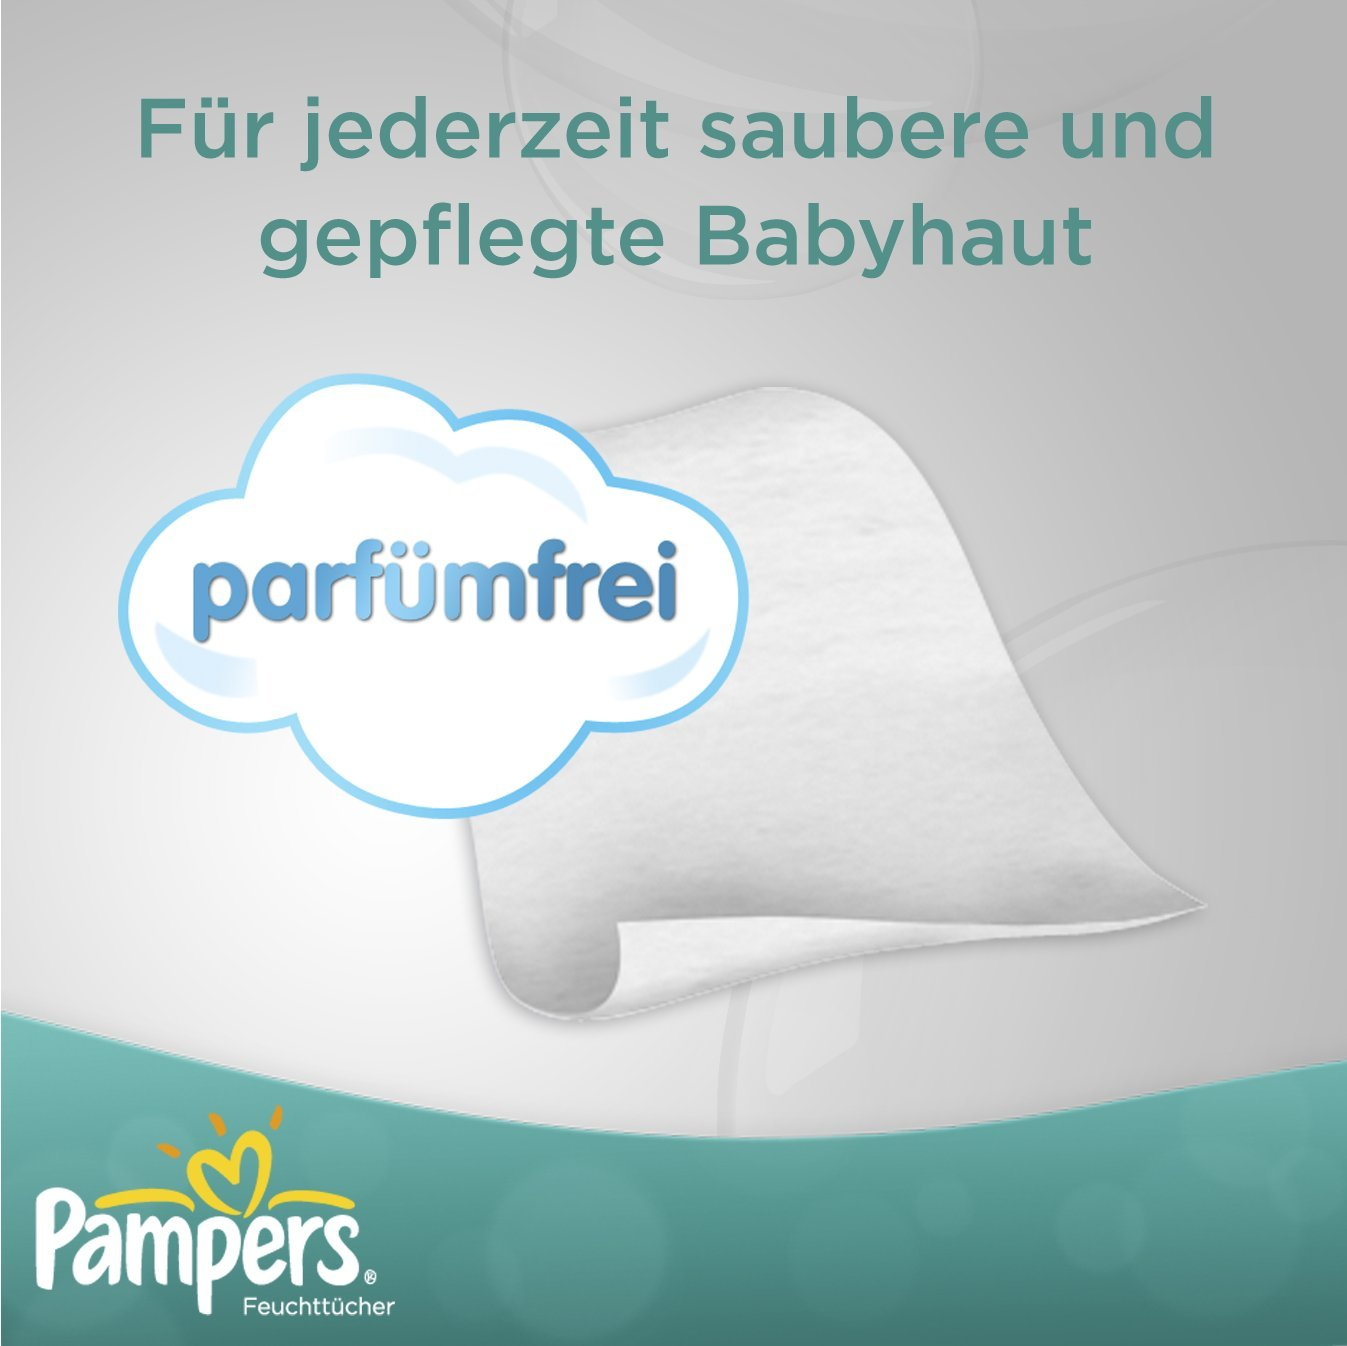 Pampers Feuchte Tücher Babyfresh Parfümfrei Nachfüllpack - 4x64 Stück